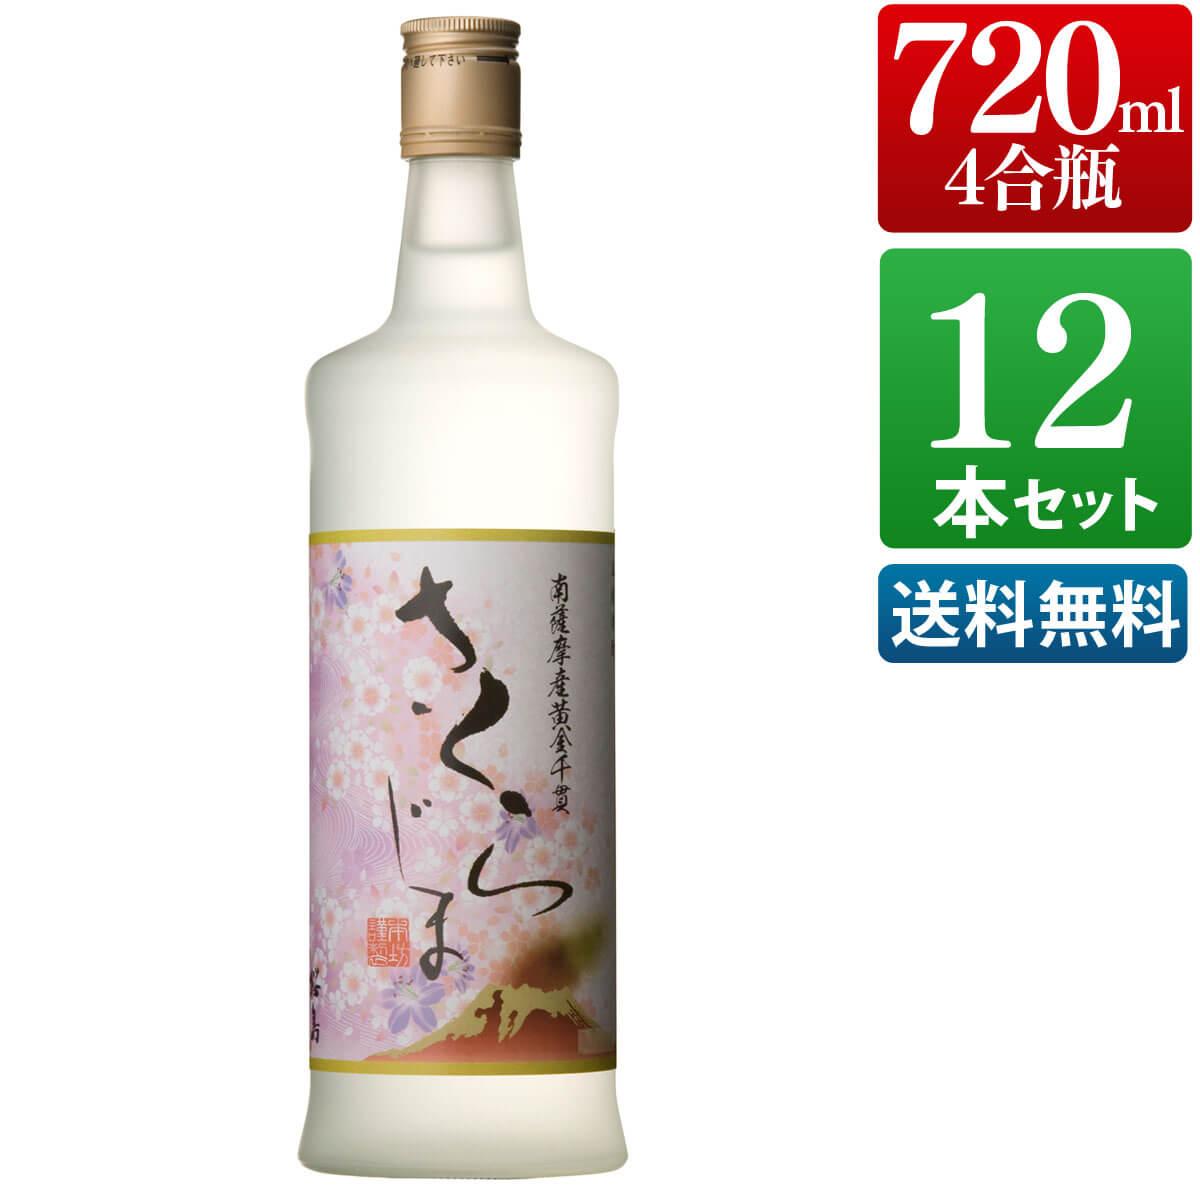 芋焼酎 12本セット さくらじま 25度 720ml [ 本坊酒造 芋焼酎 / 送料無料 ] 【本坊酒造 公式通販】